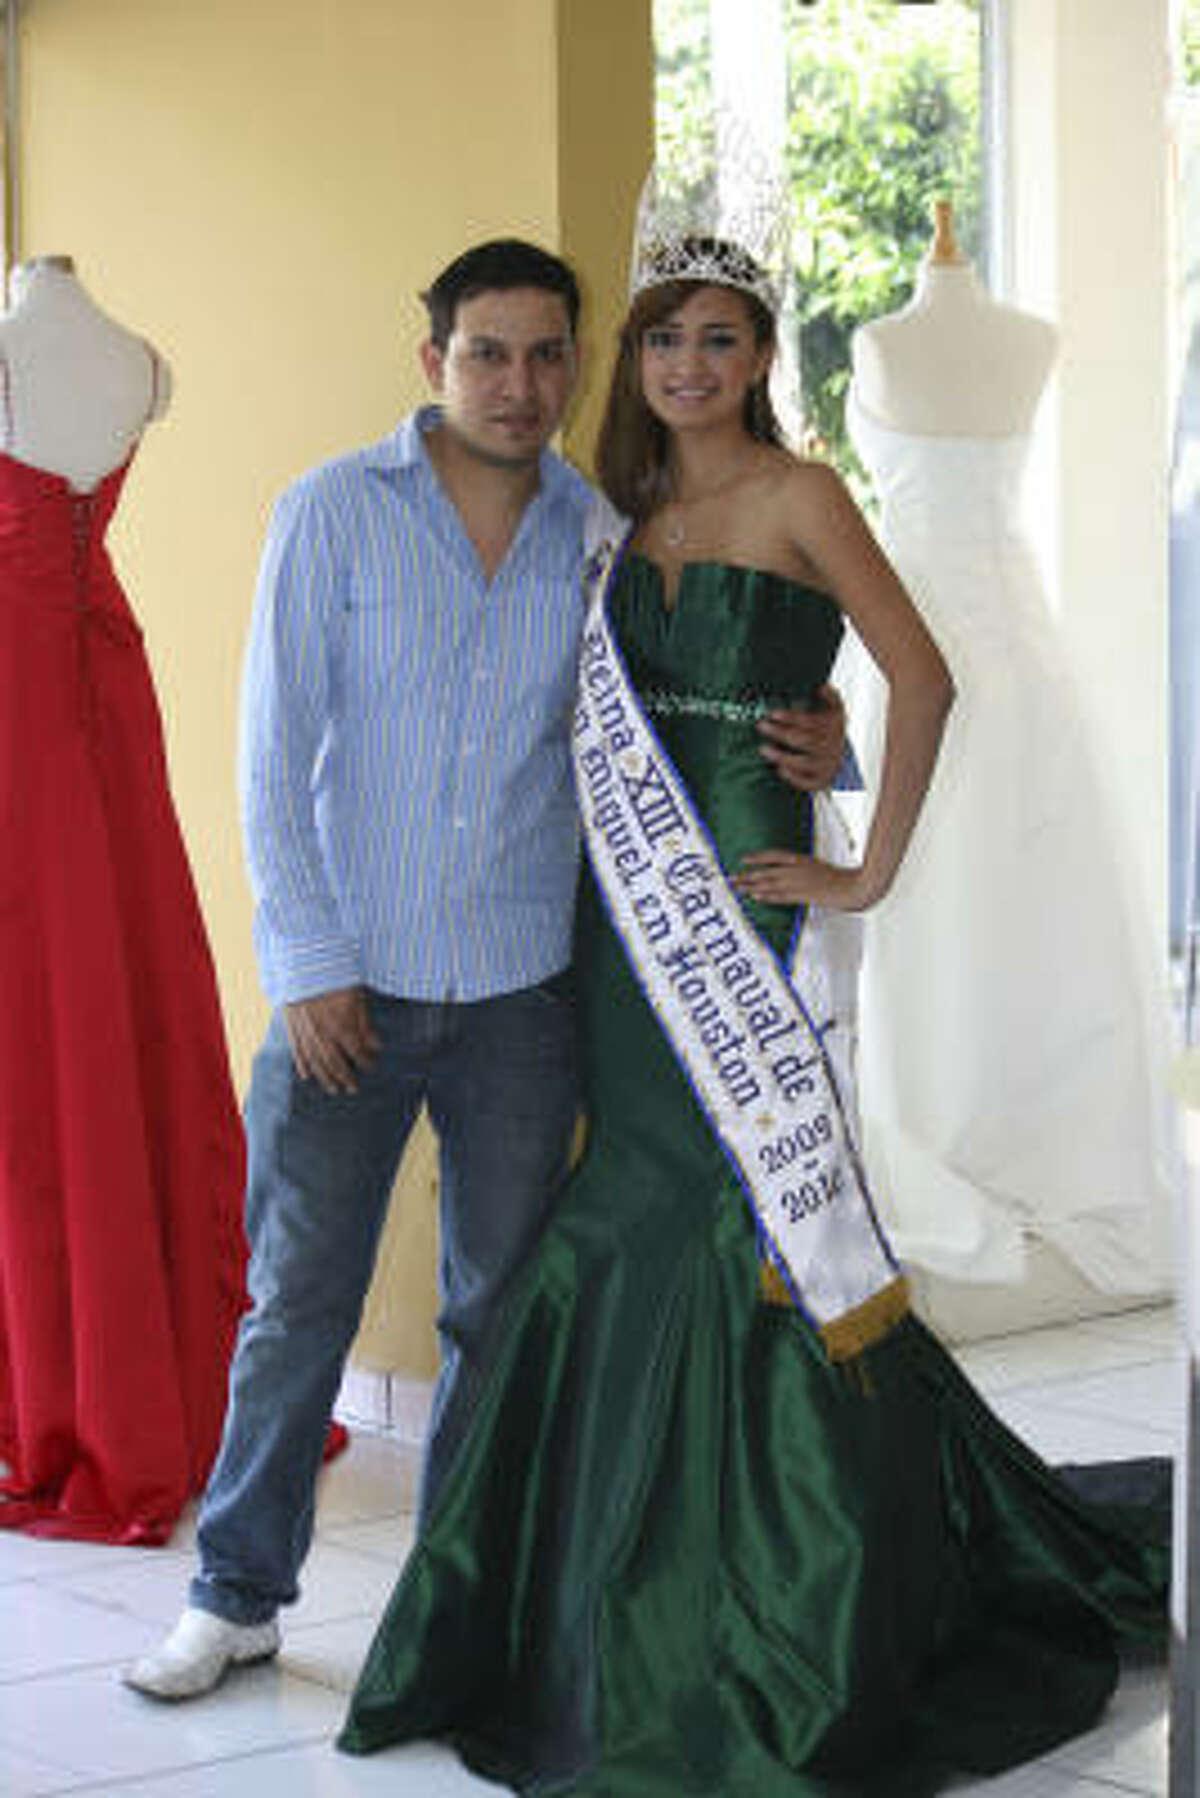 La reina de las fiestas de San Miguel 2009-2010 es Melissa Guerrero.